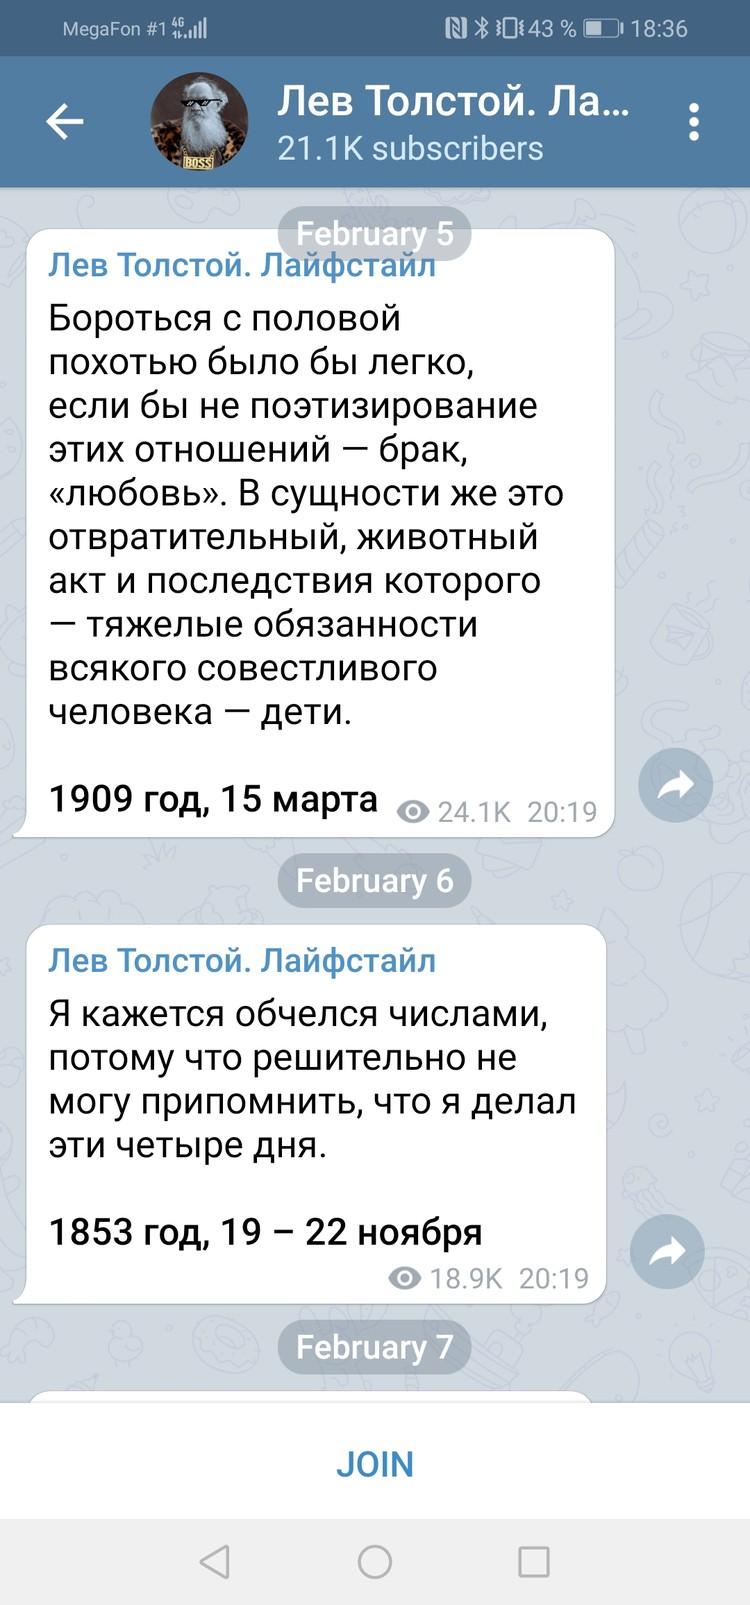 А вот мудрость Льва Толстого